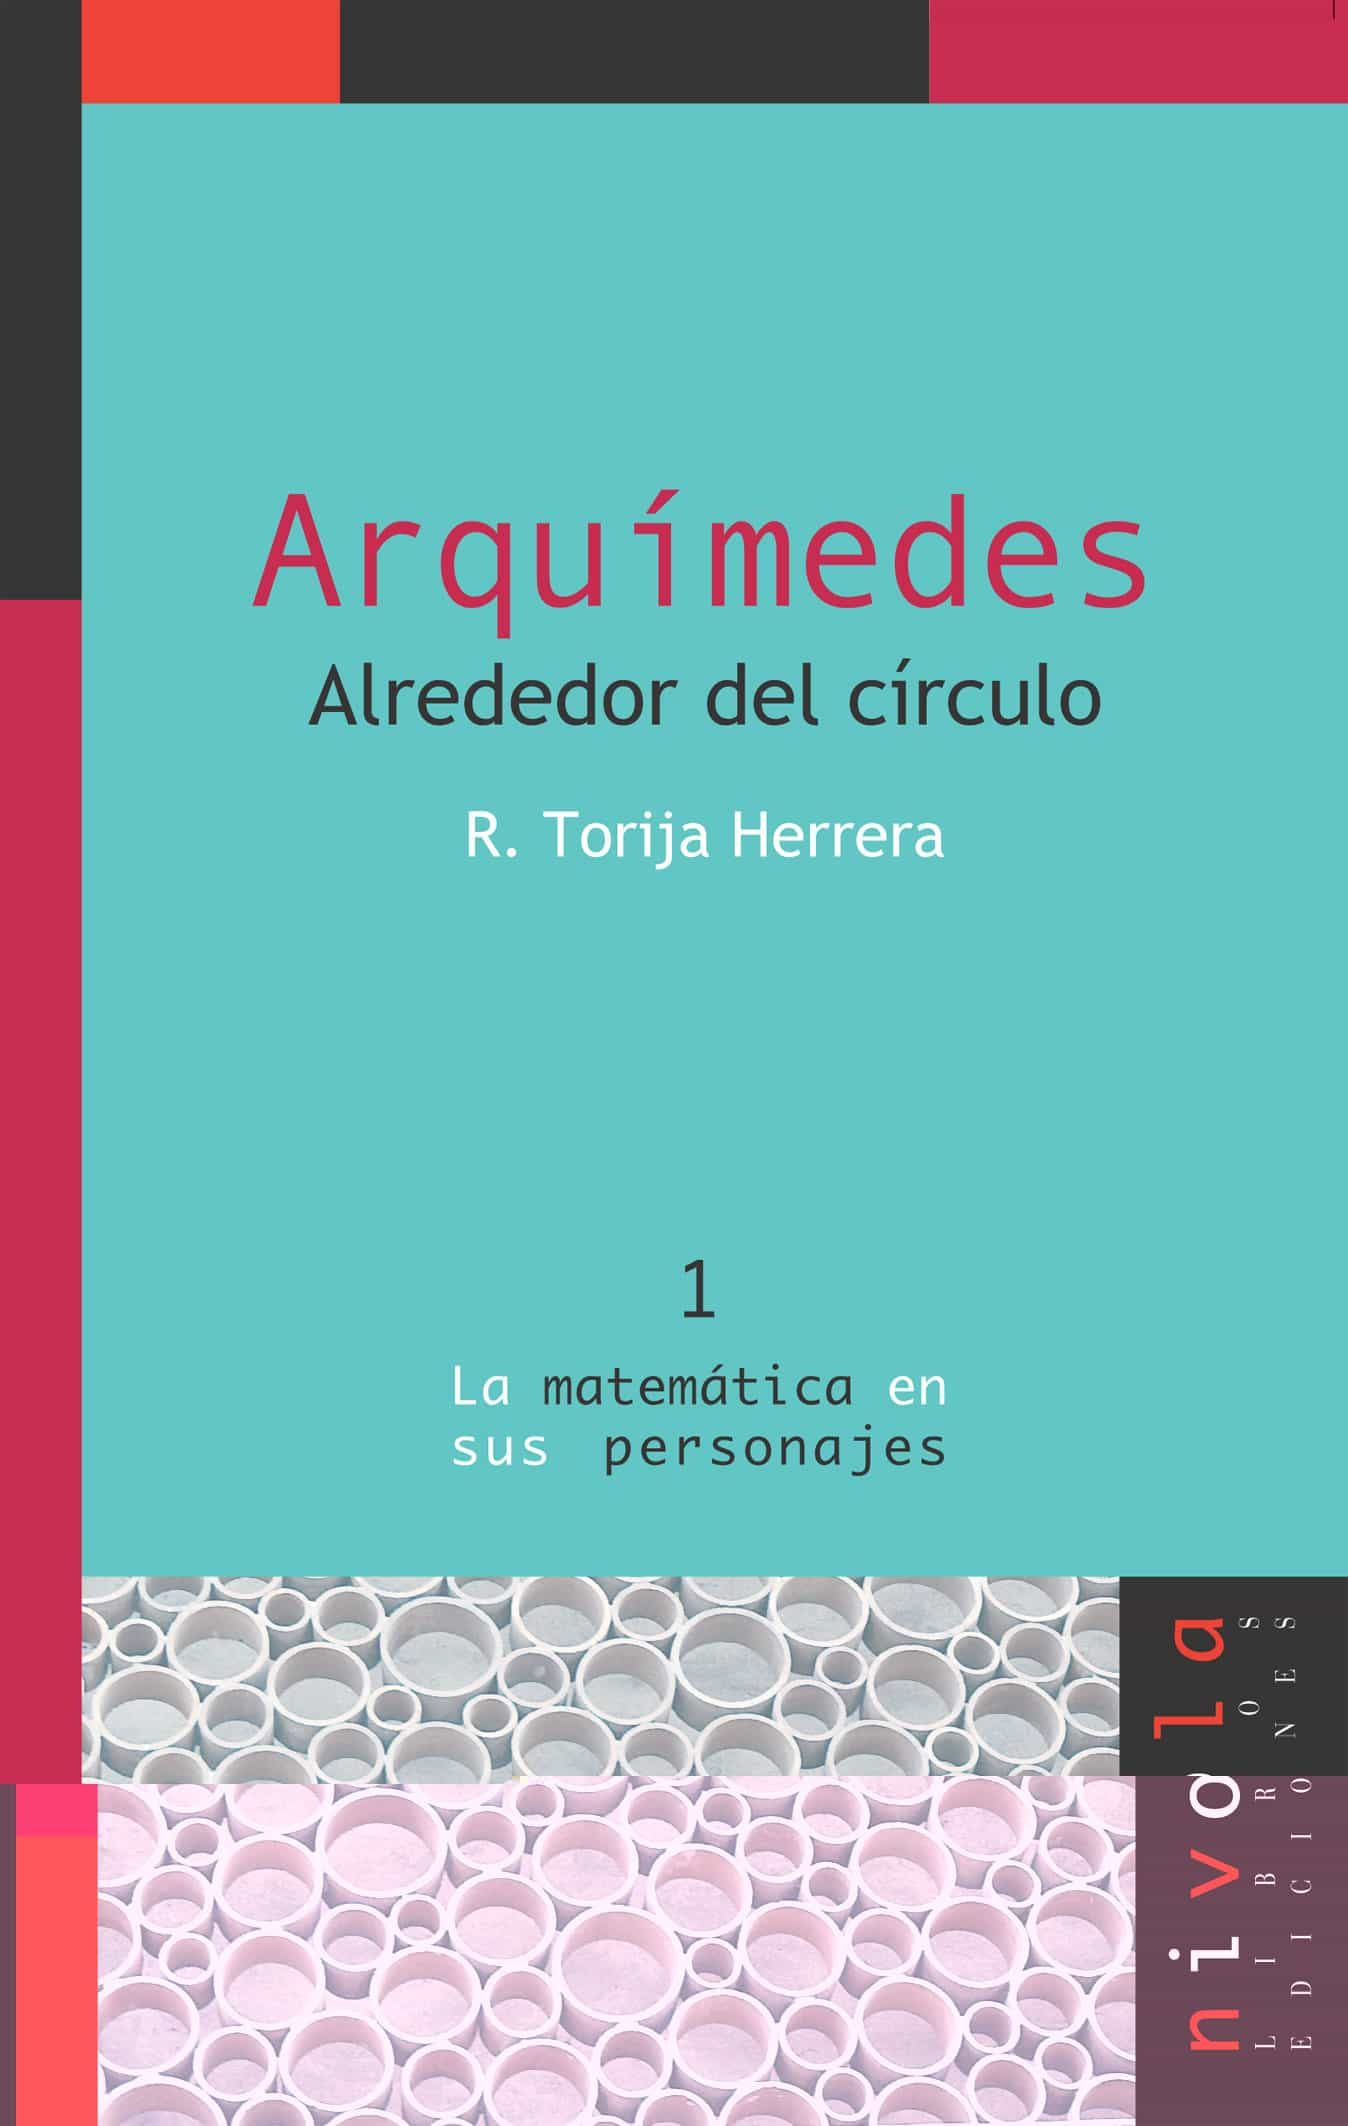 Arquimedes Alrededor Del Circulo por Rosalina Torrija Herrera Gratis